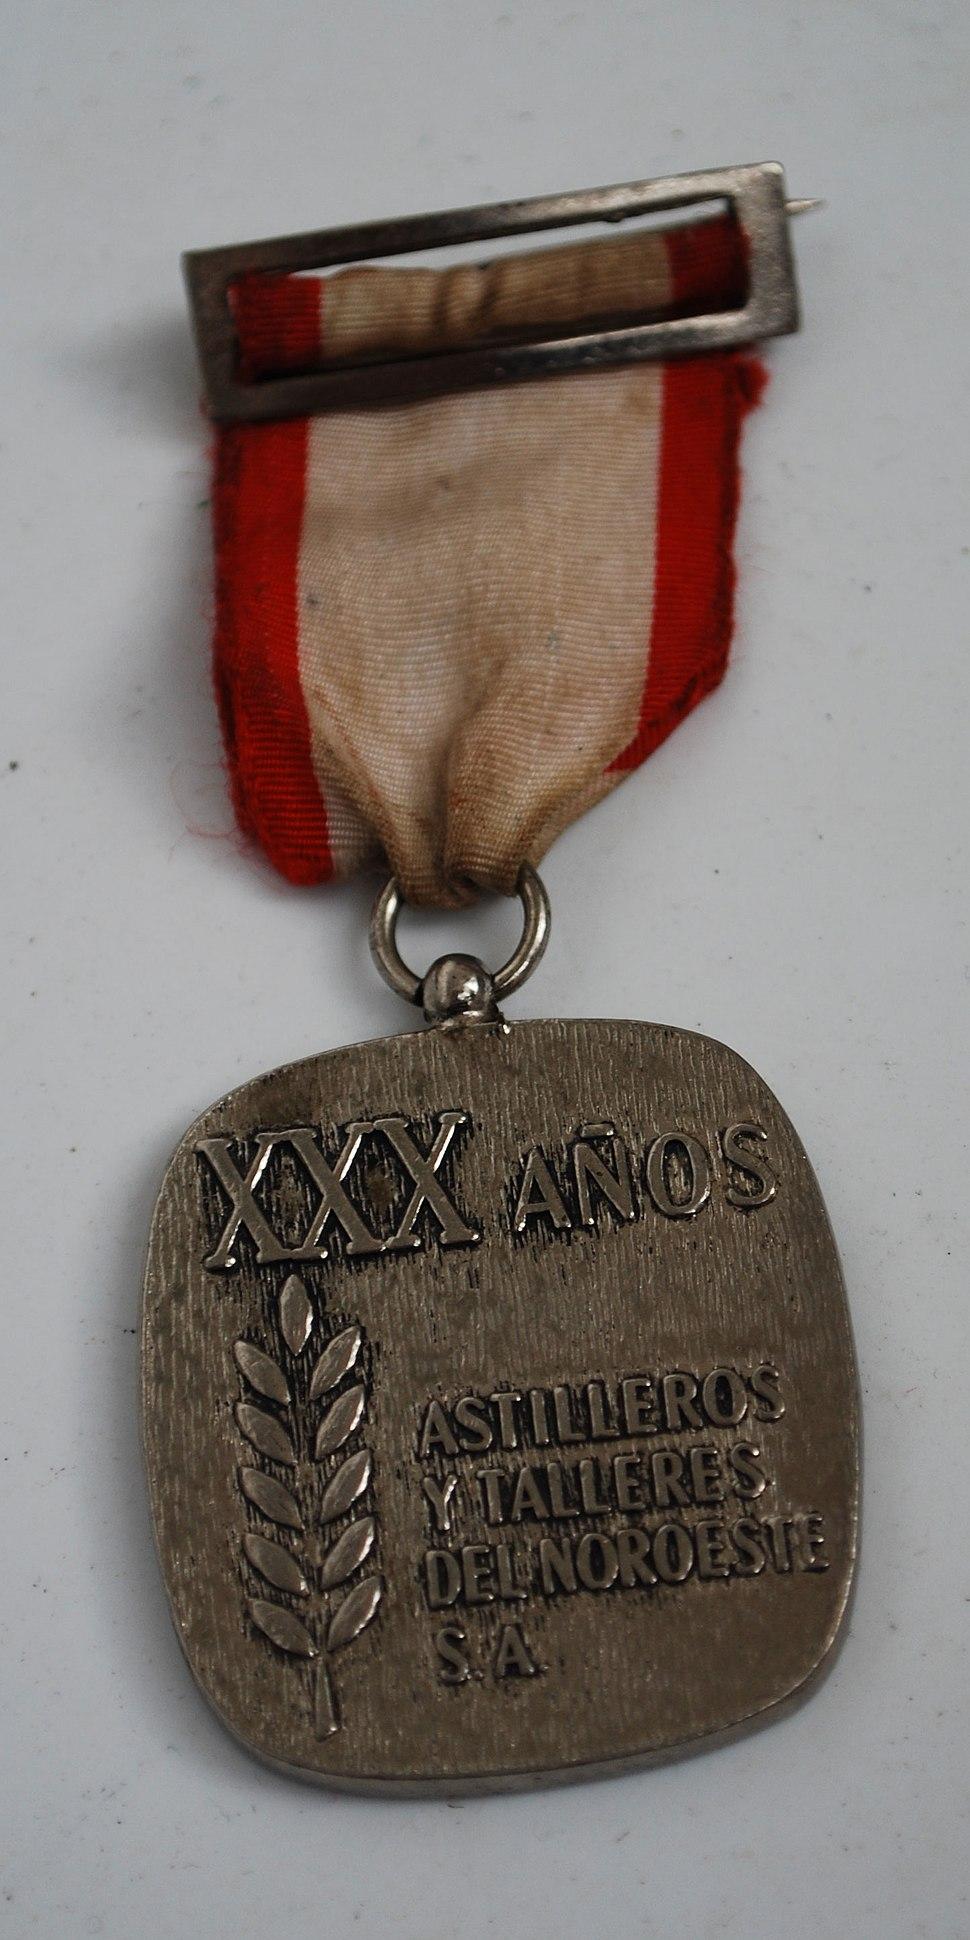 Medalla polos 30 anos traballando en Astano.